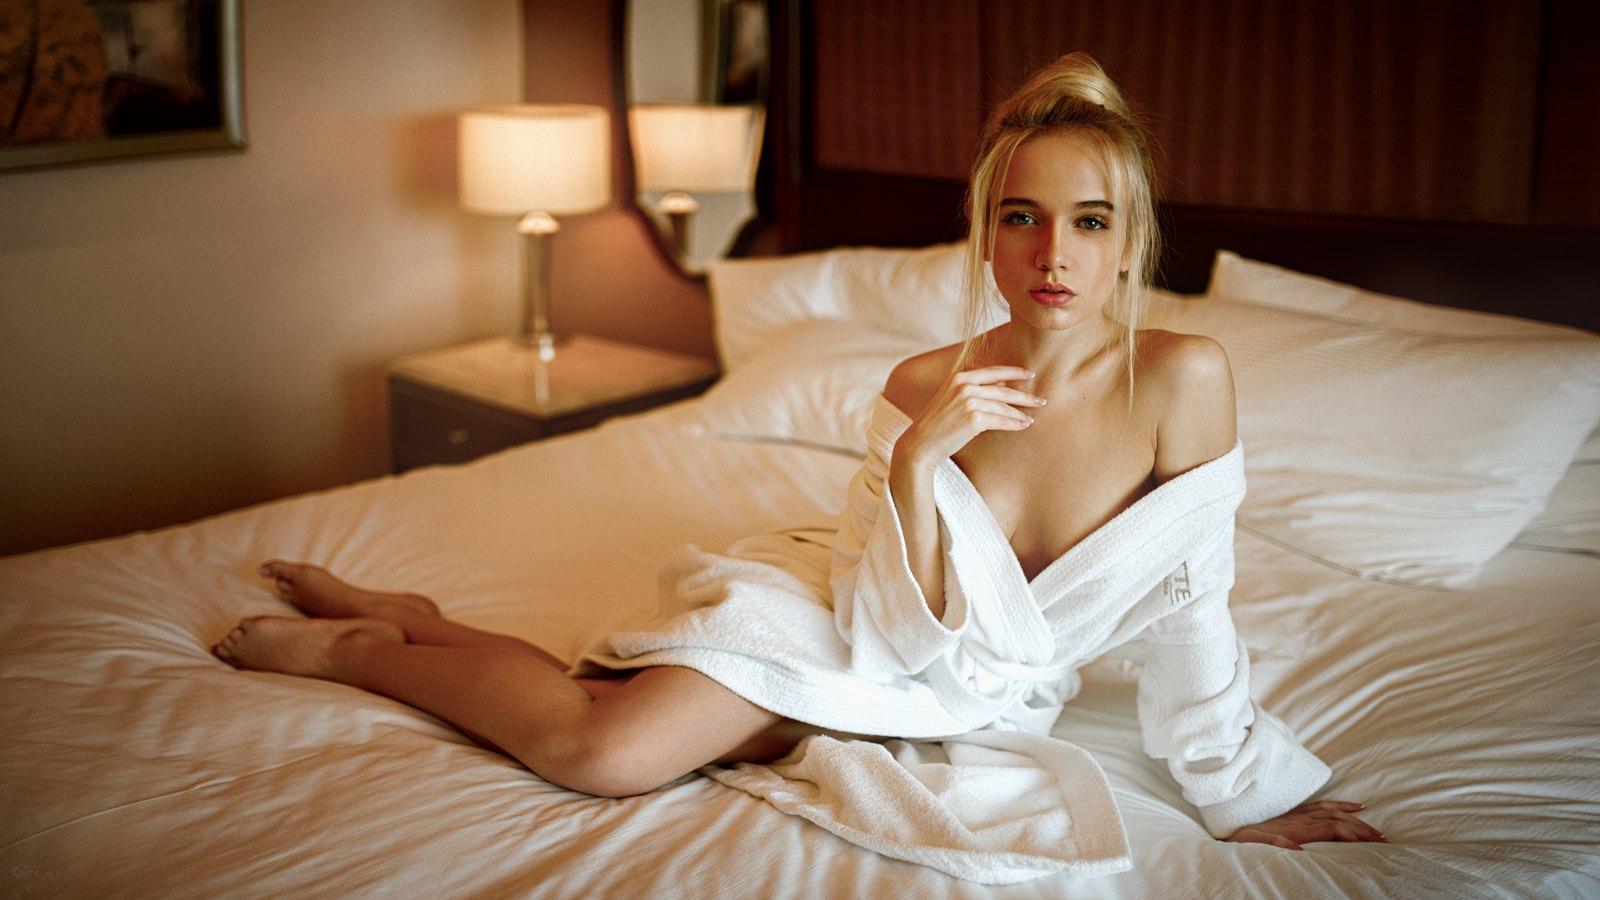 foto-krasivih-blondinok-na-krovati-ekzoticheskaya-lesbi-erotika